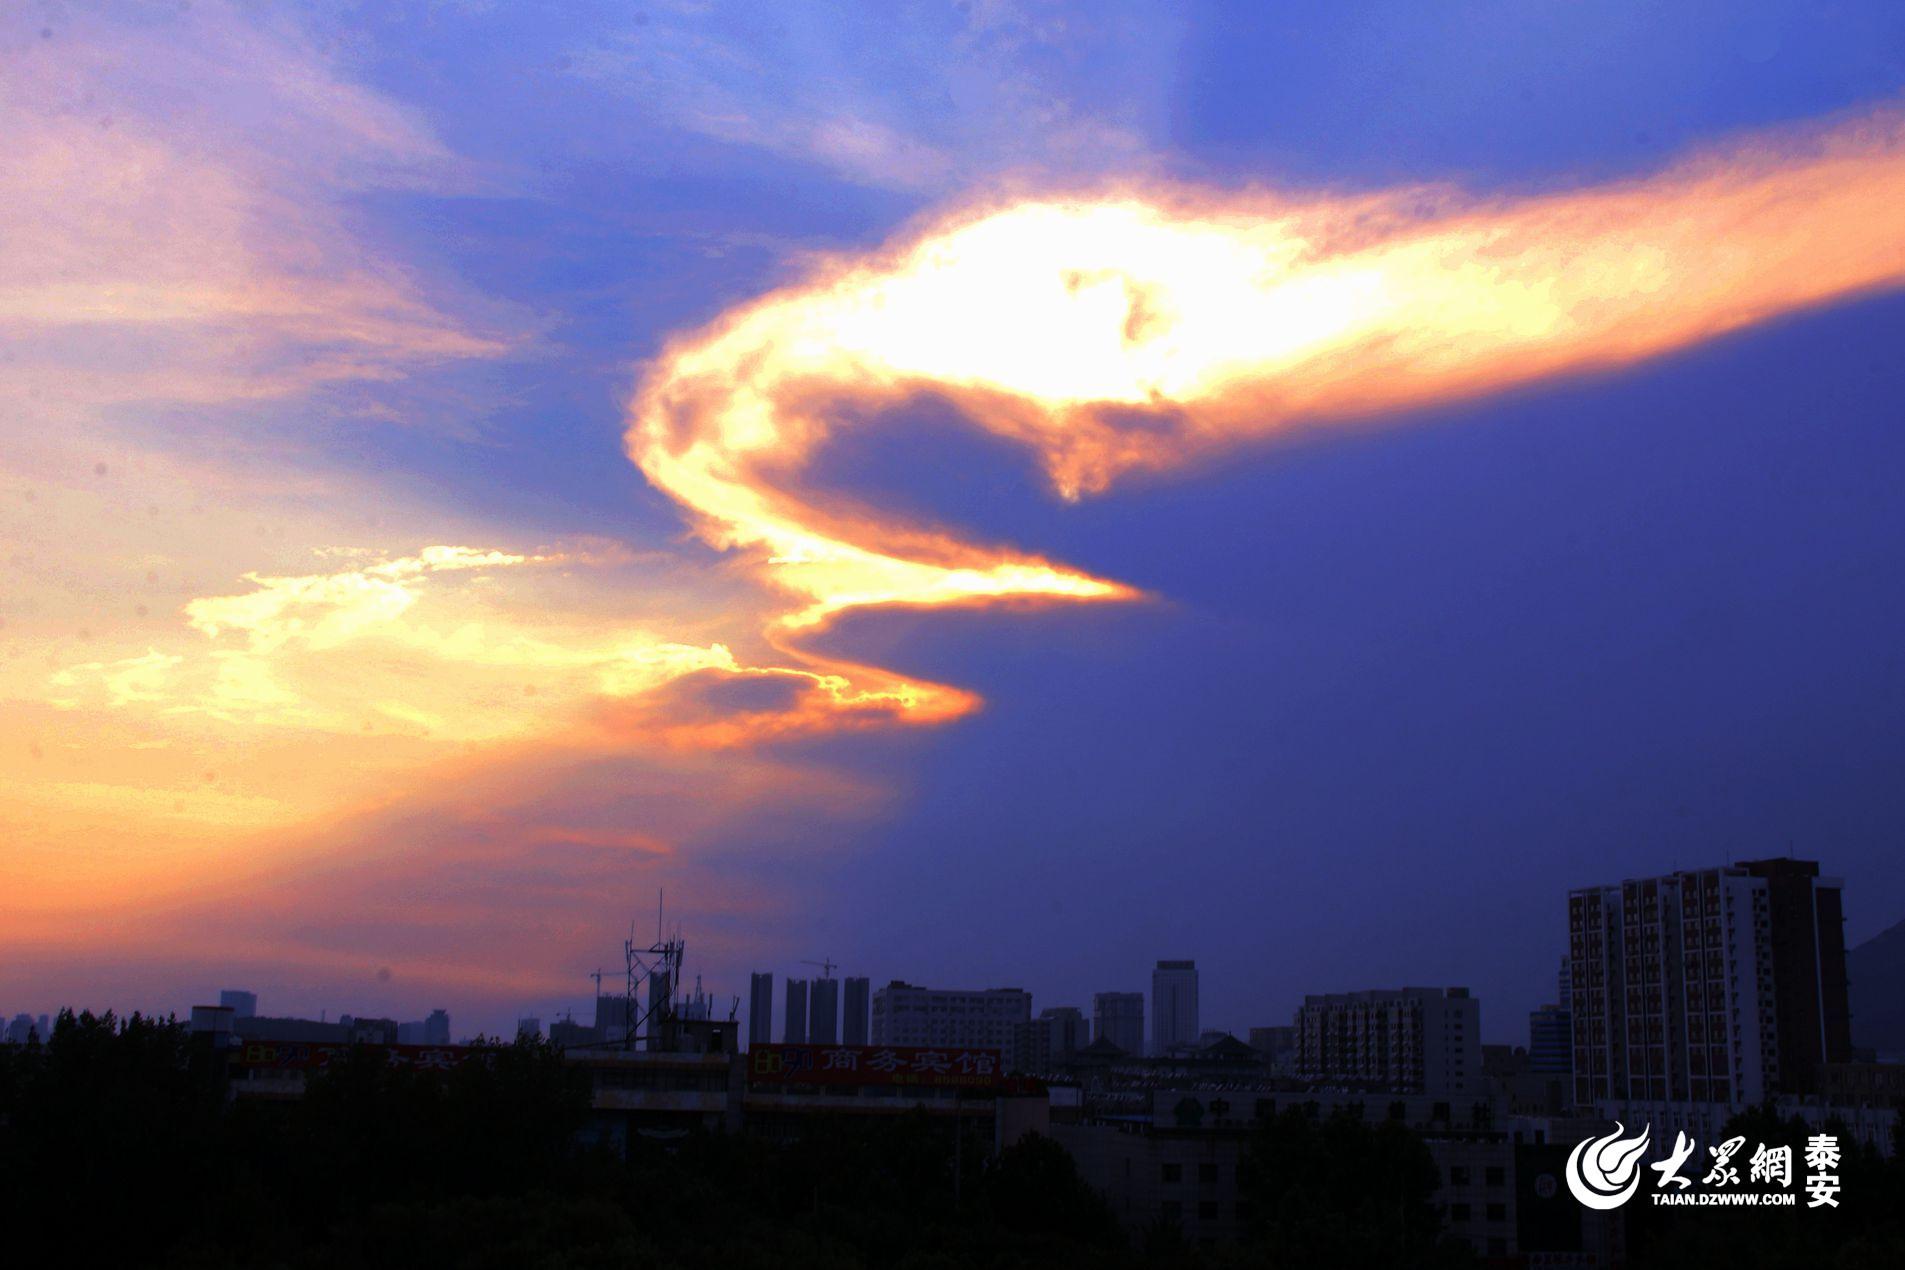 """泰安上空惊现""""火凤凰""""(图片来源:大众网拍客""""四方通行"""")"""